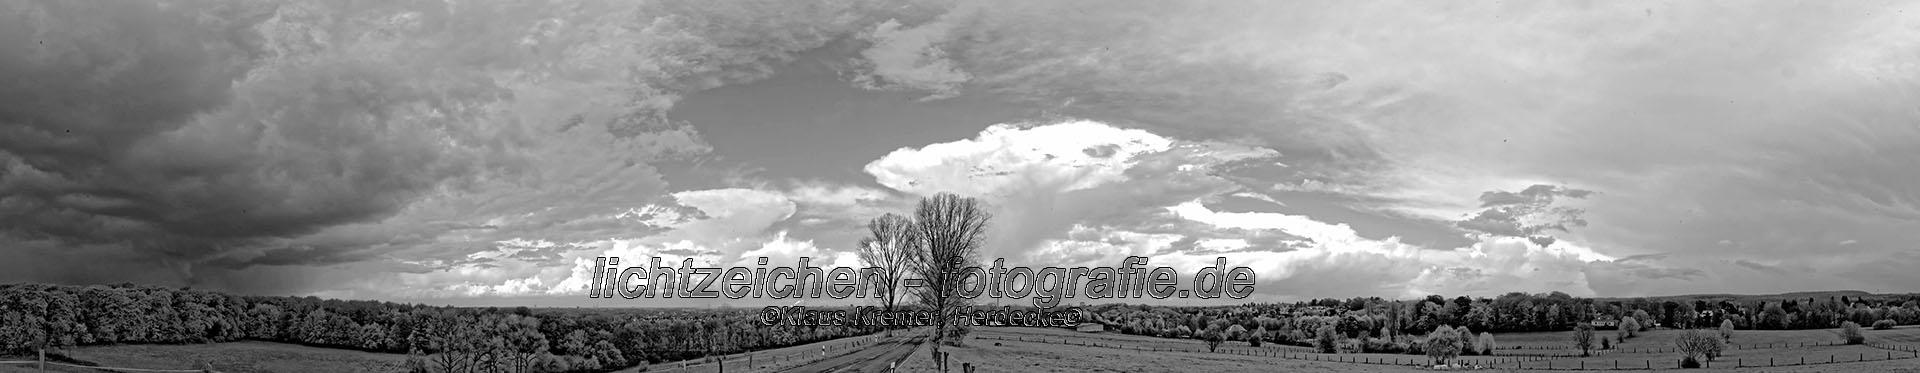 Panoramen > Aprilwetter 2016 #01